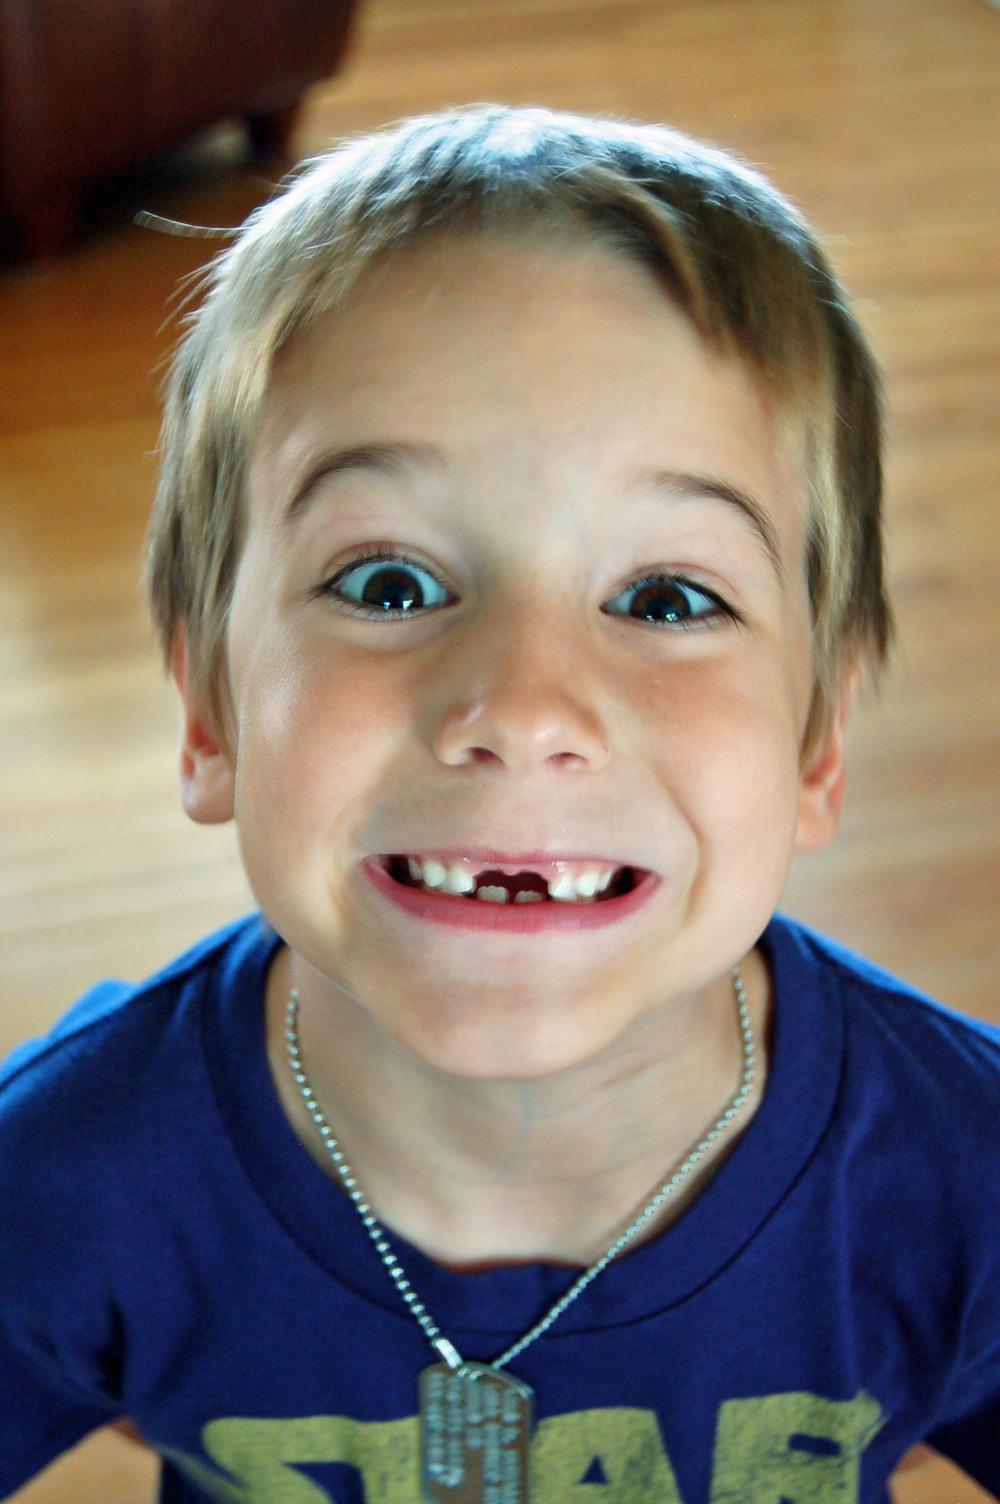 liam's missing teeth